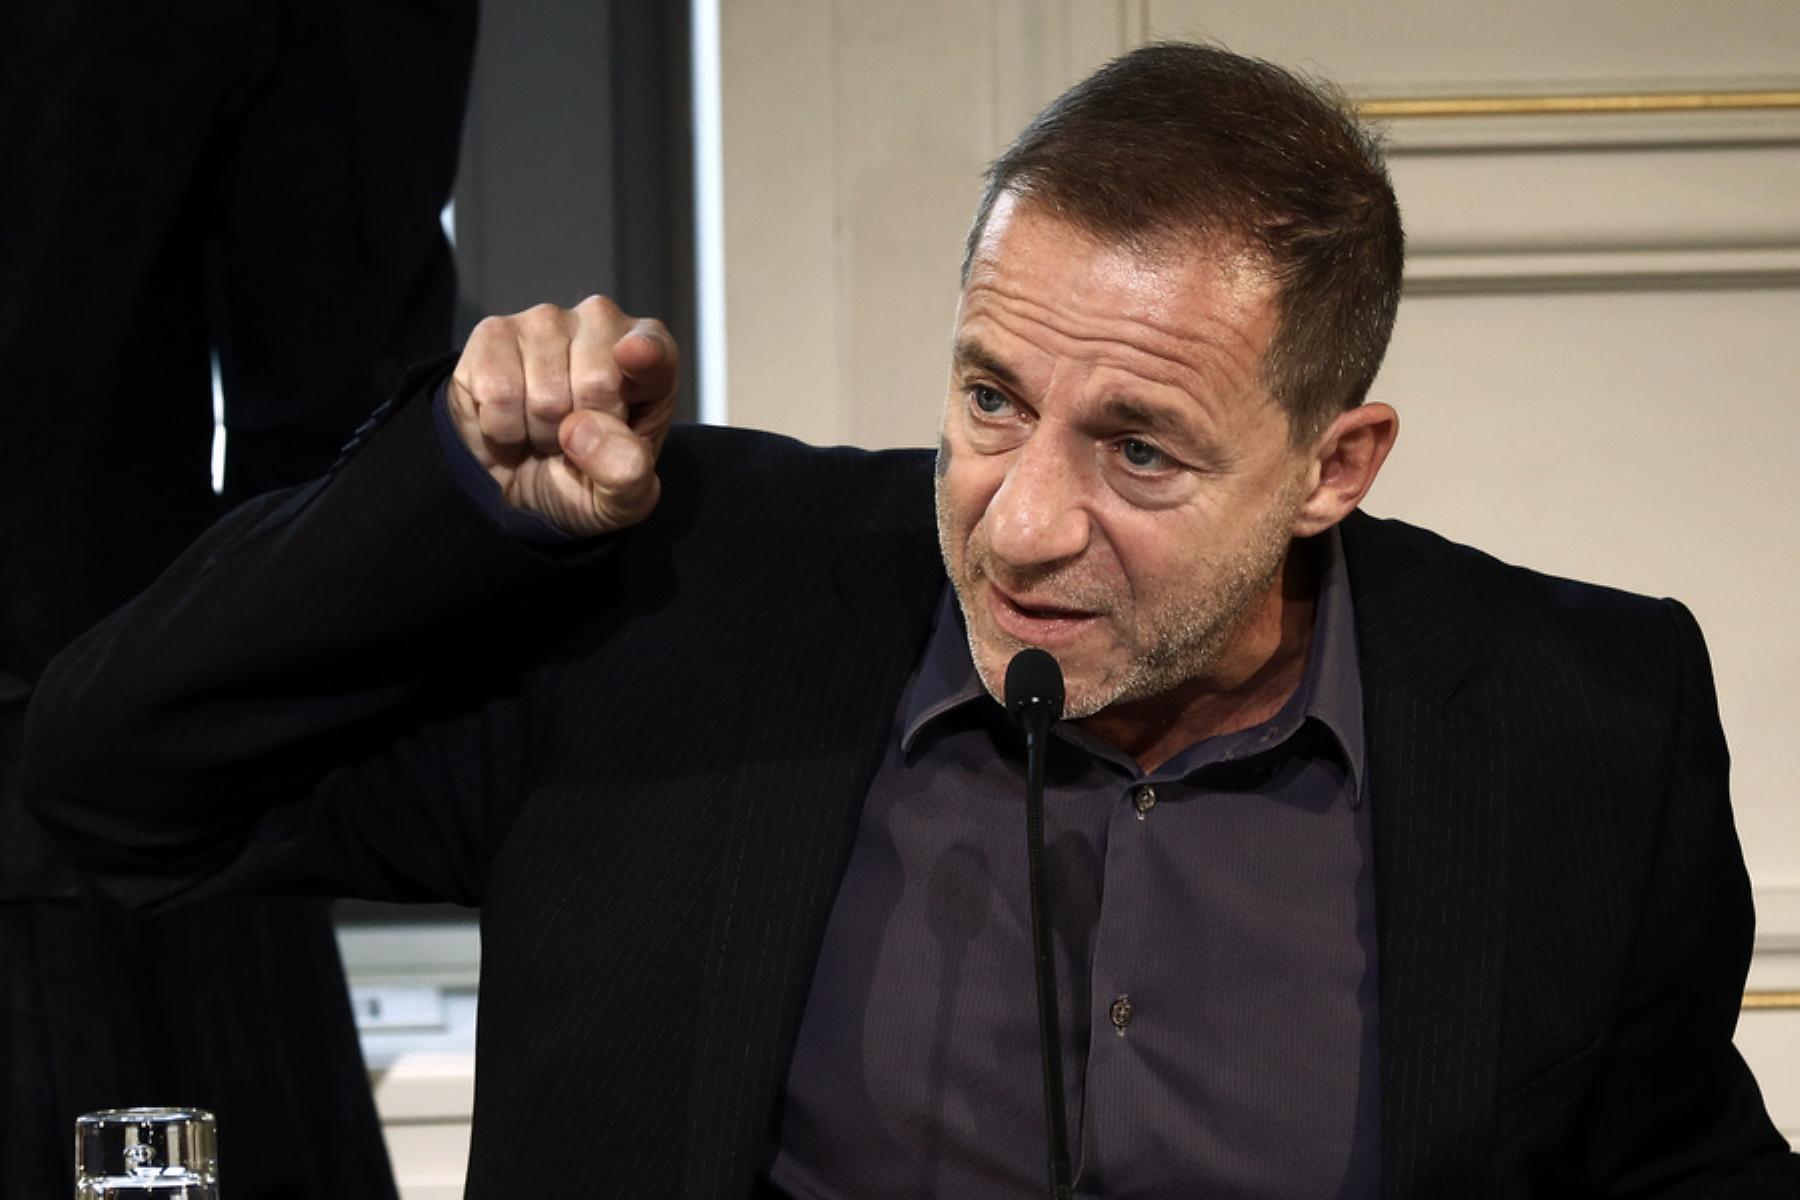 Συνελήφθη ο Δημήτρης Λιγνάδης - Δίωξη για βιασμούς κατά συρροή